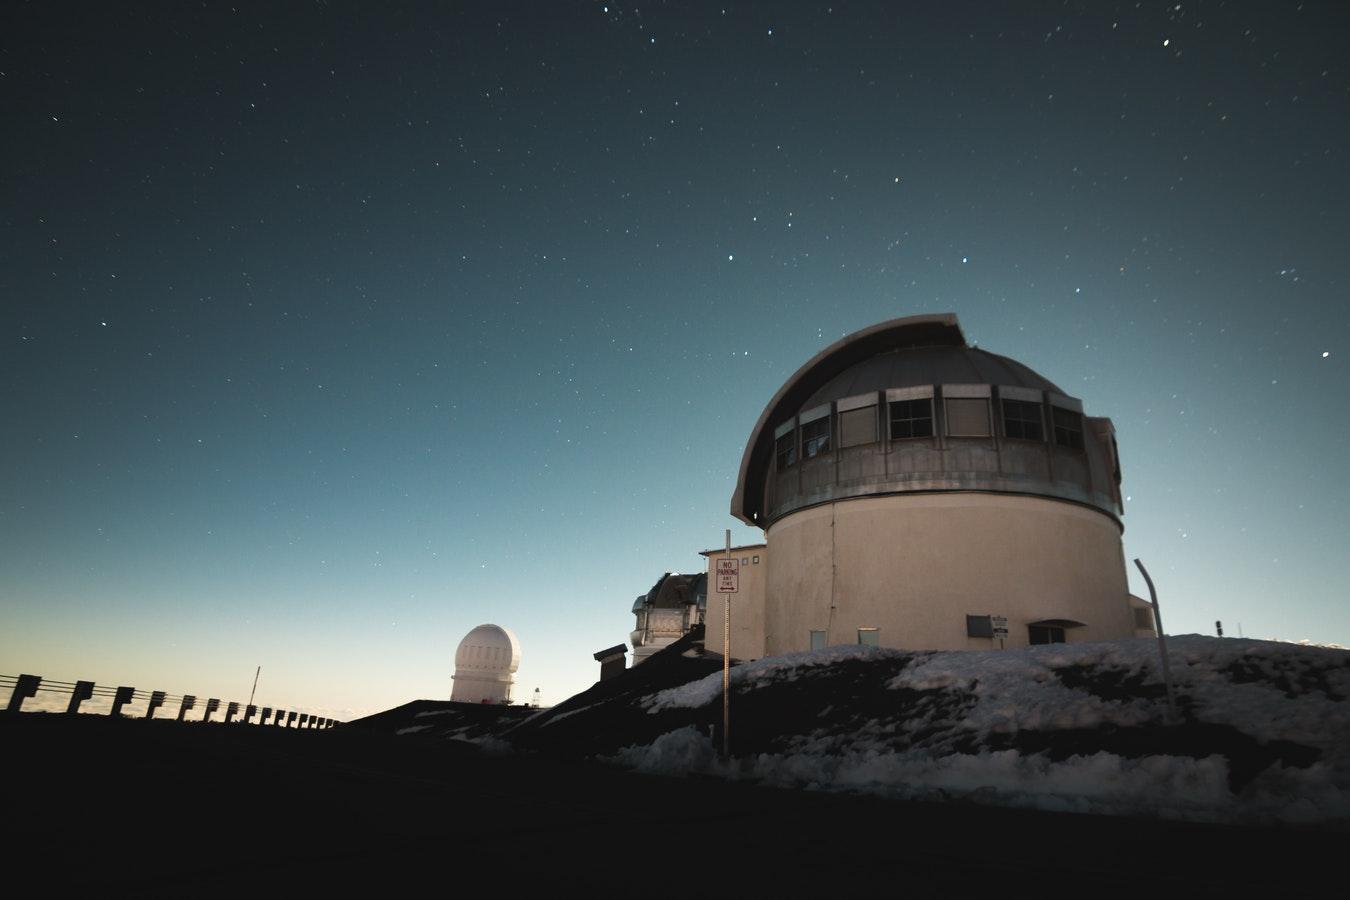 обсерватория, телескоп, гаваи